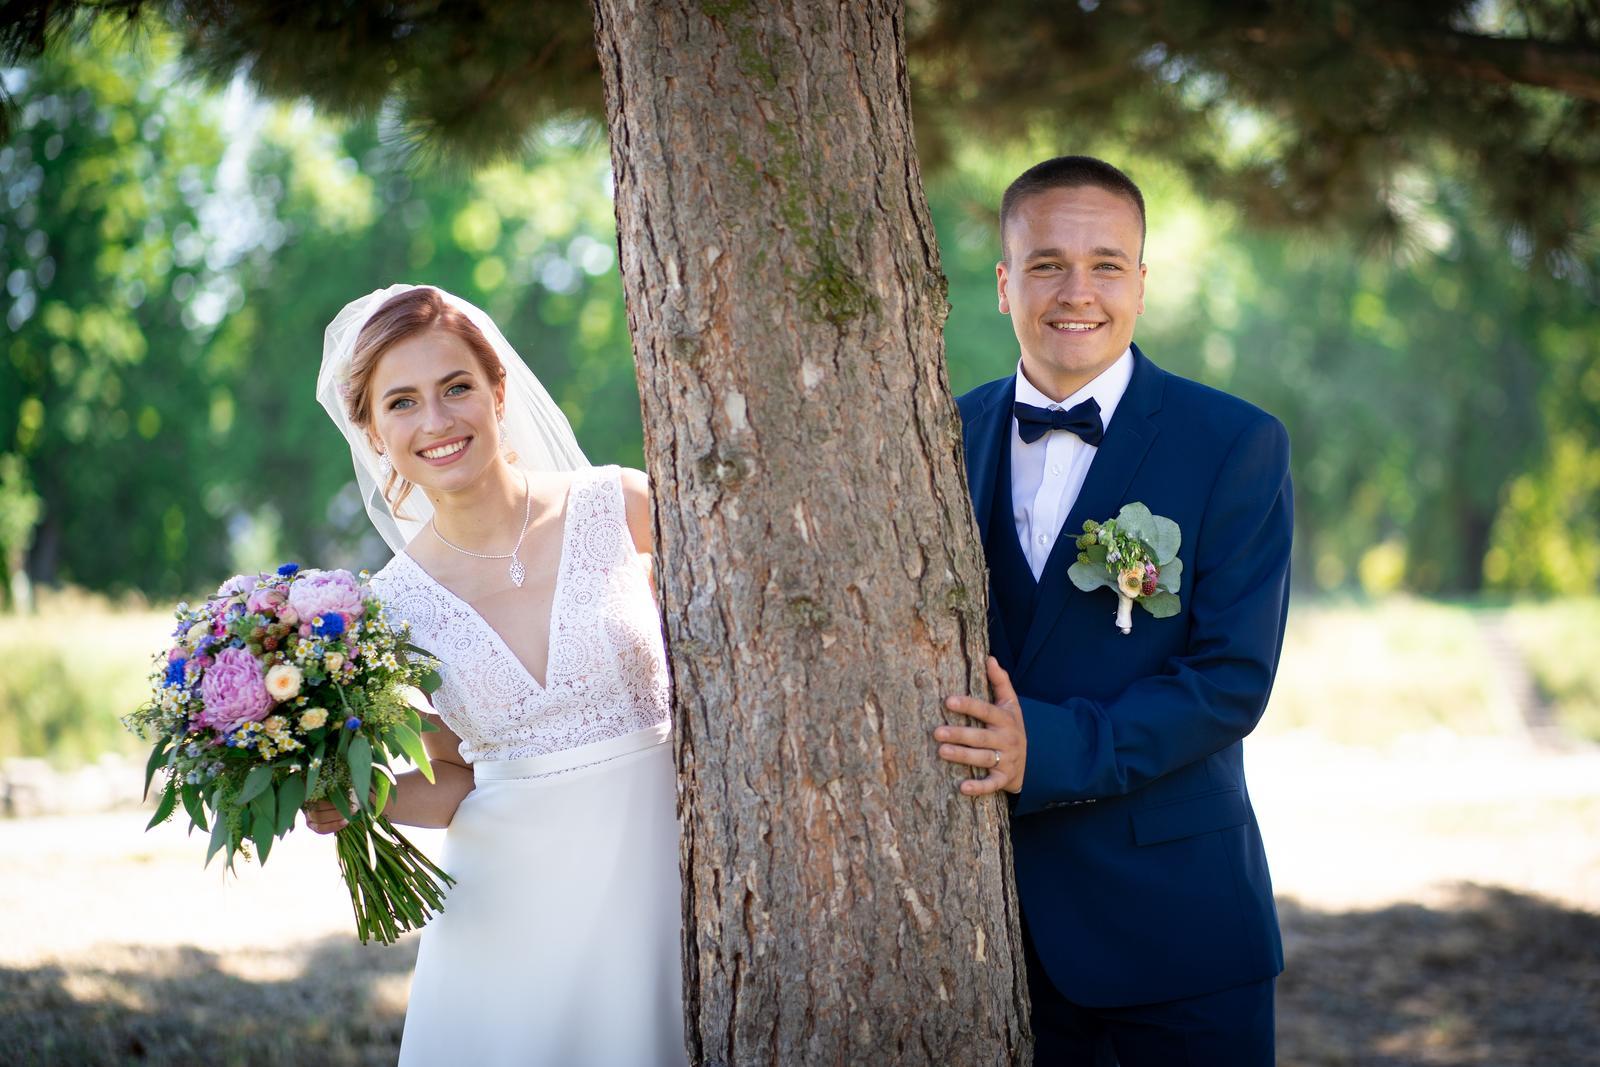 Svatby 2020 - Obrázek č. 4